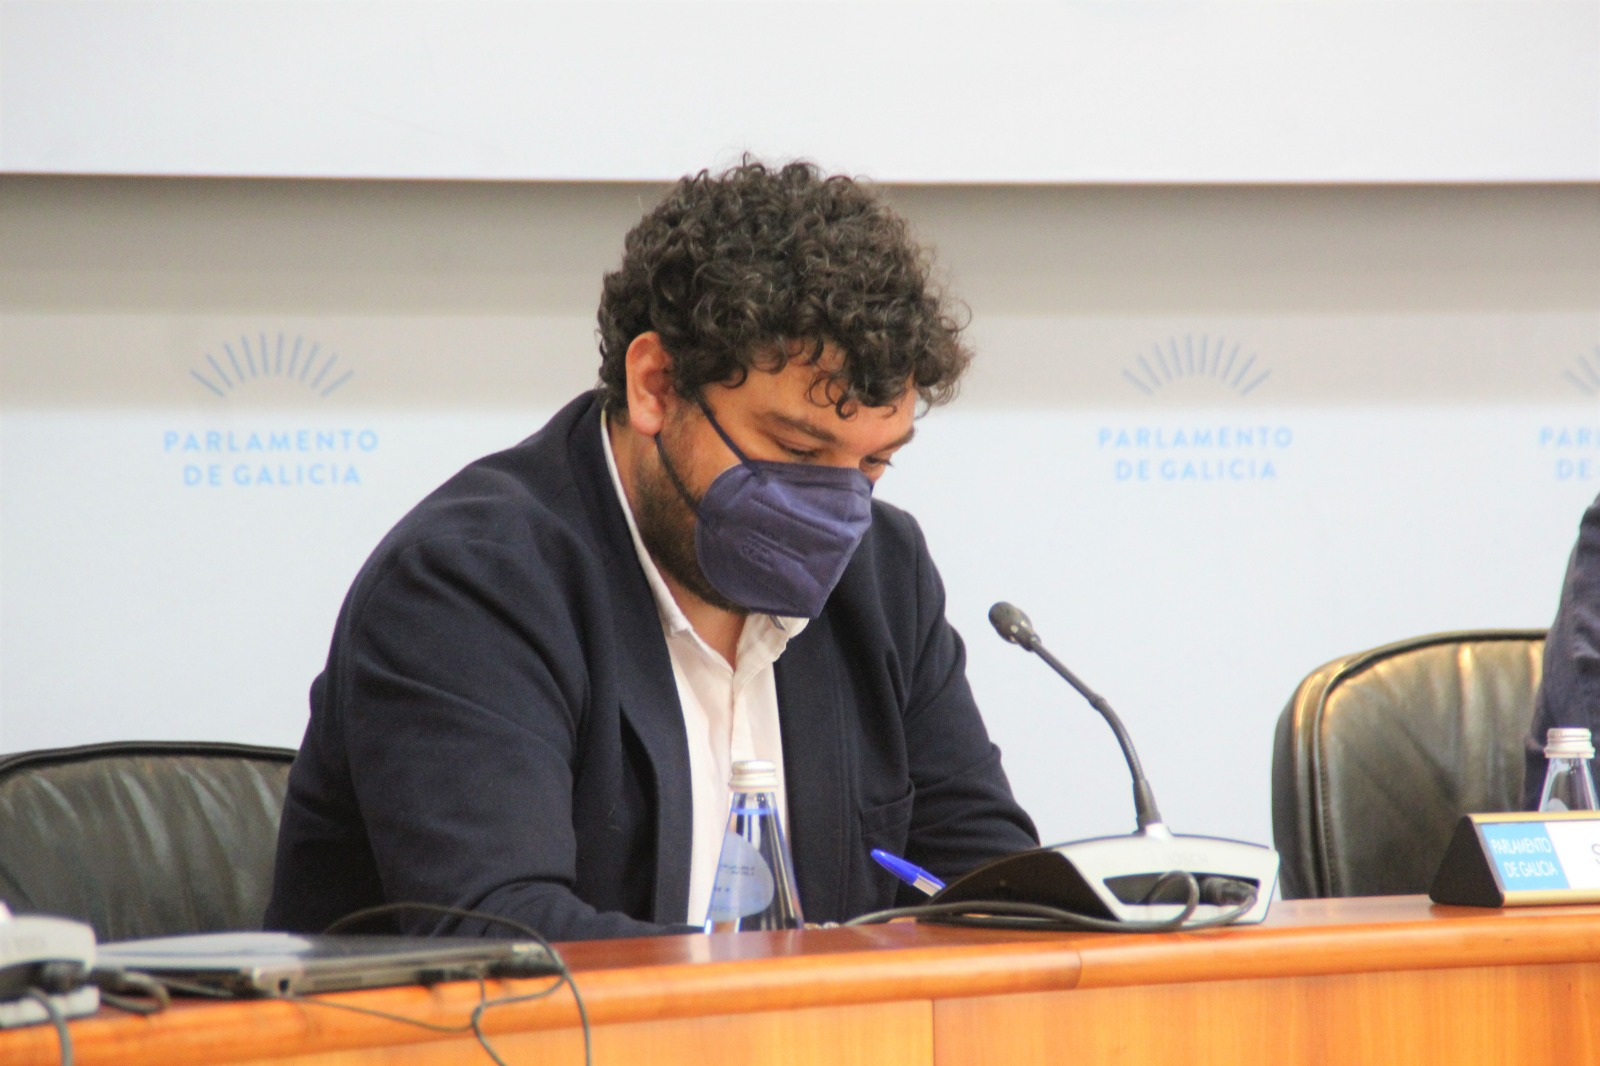 O Parlamento de Galicia aproba unha proposta socialista para que a Xunta flexibilice as restricións de pesca recreativa nos portos galegos